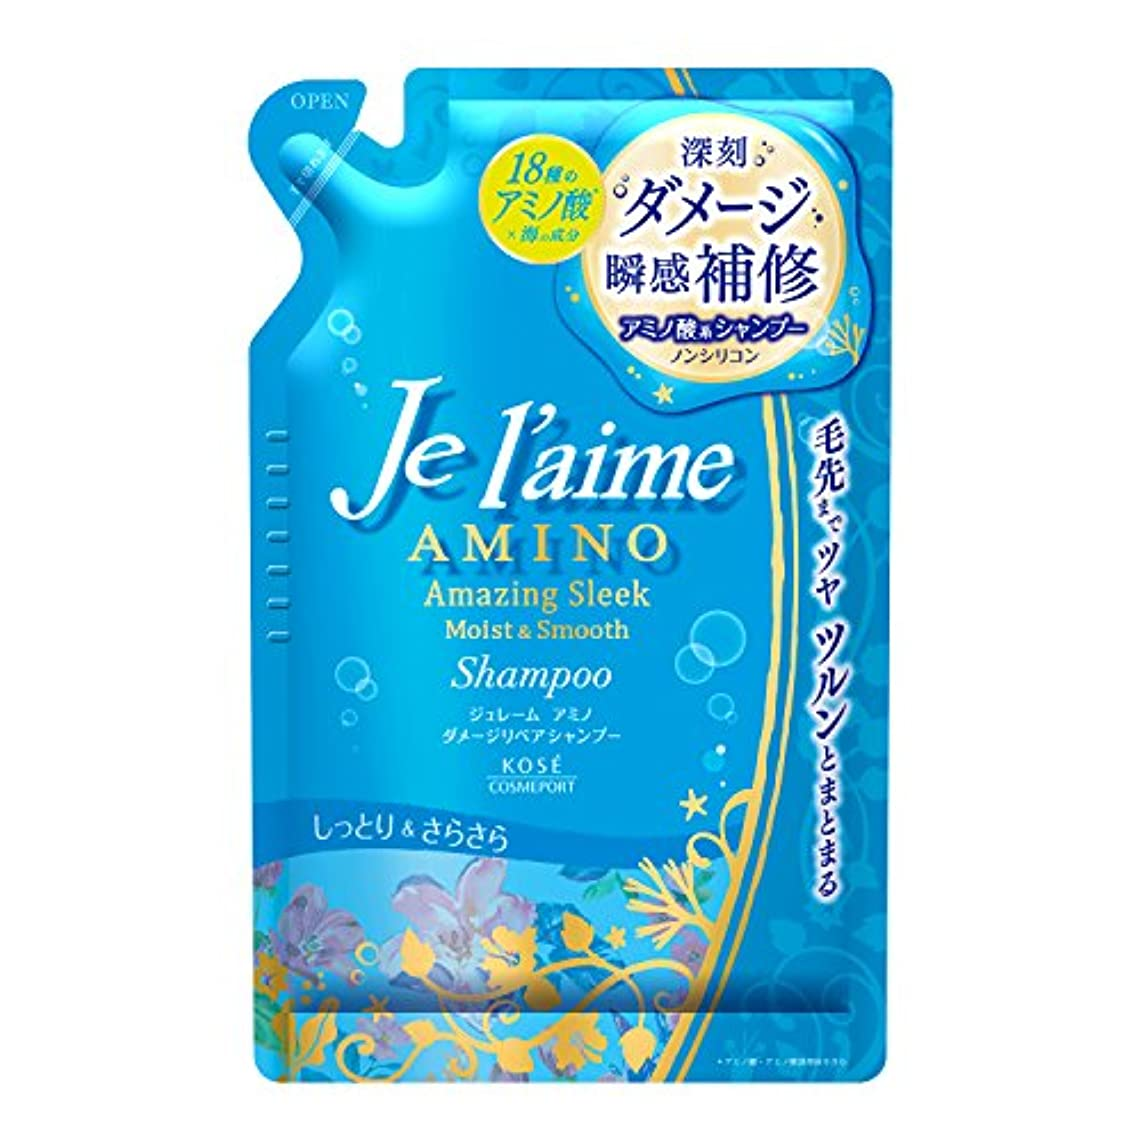 不足光沢のある討論KOSE コーセー ジュレーム アミノ ダメージ リペア シャンプー ノンシリコン アミノ酸 配合 (モイスト & スムース) つめかえ 400ml